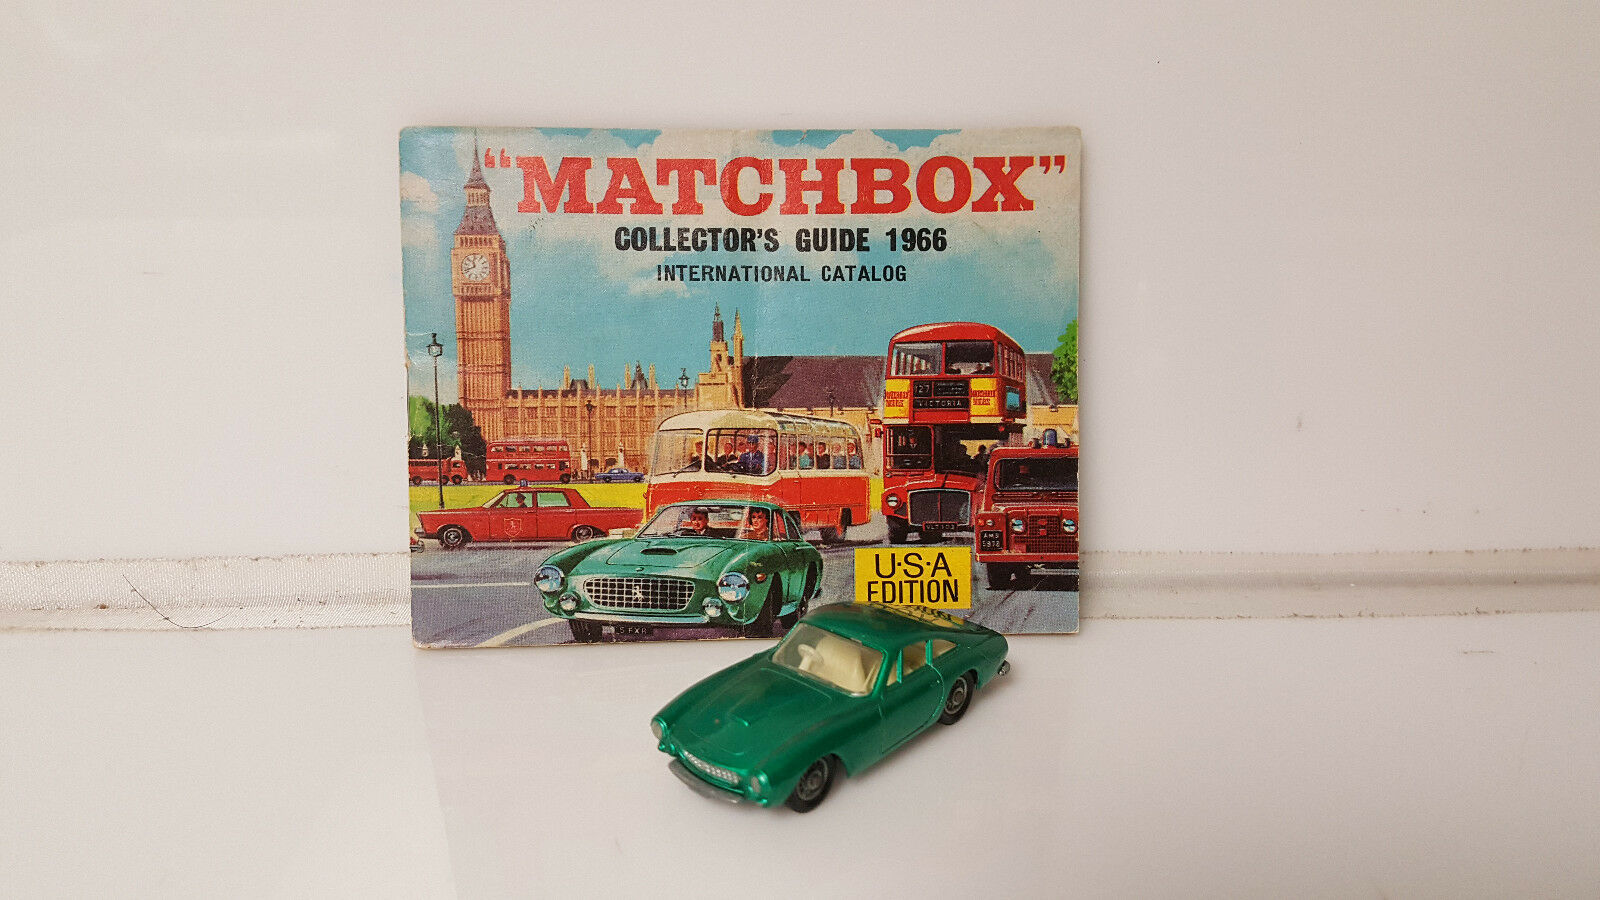 Vintage Matchscatola  Lesney  75 Ferrari Berlinetta & Collectors Guide 1966 Catalog  sconti e altro